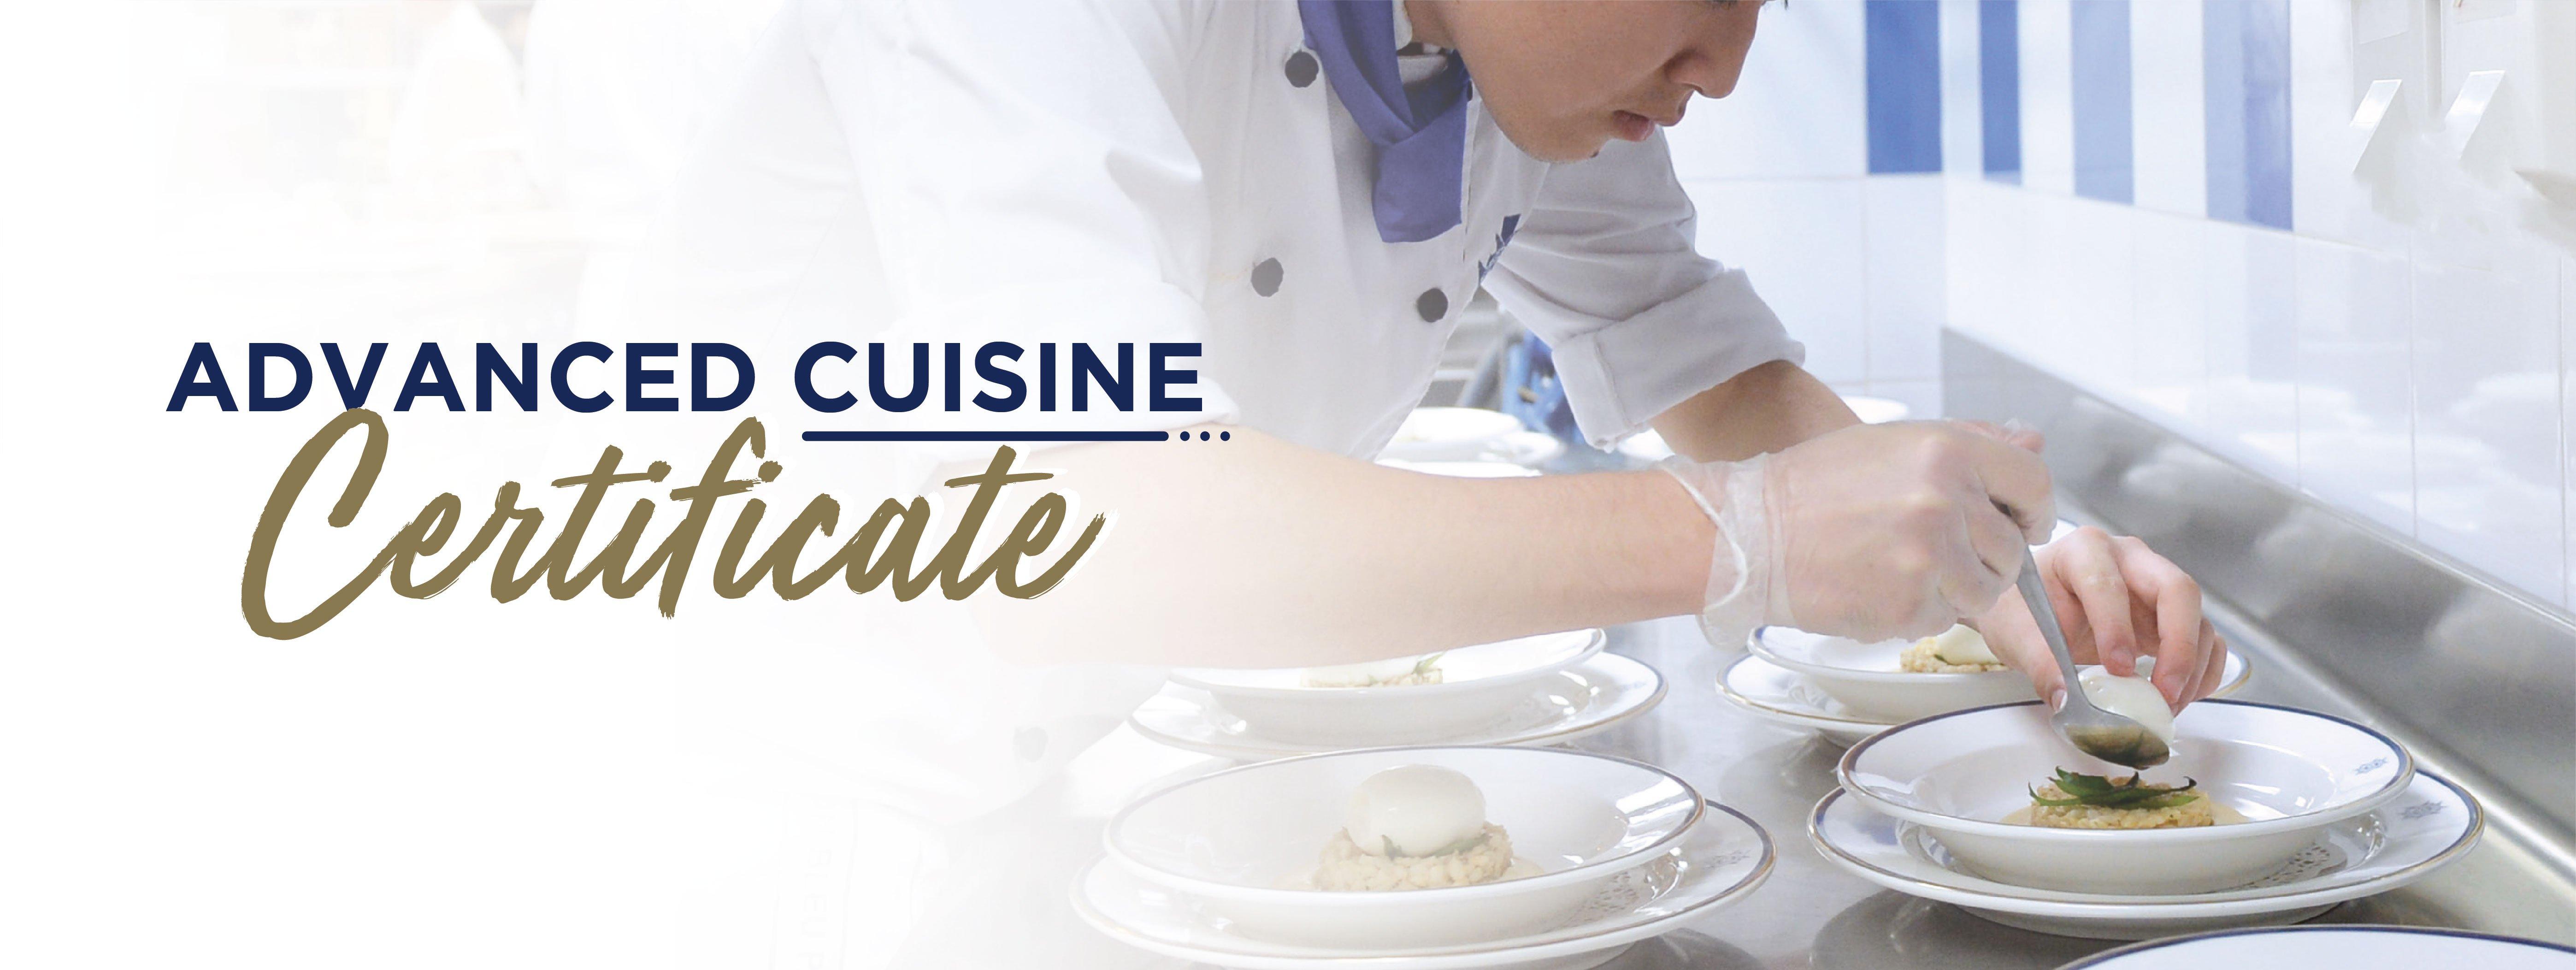 advanced cuisine certificate